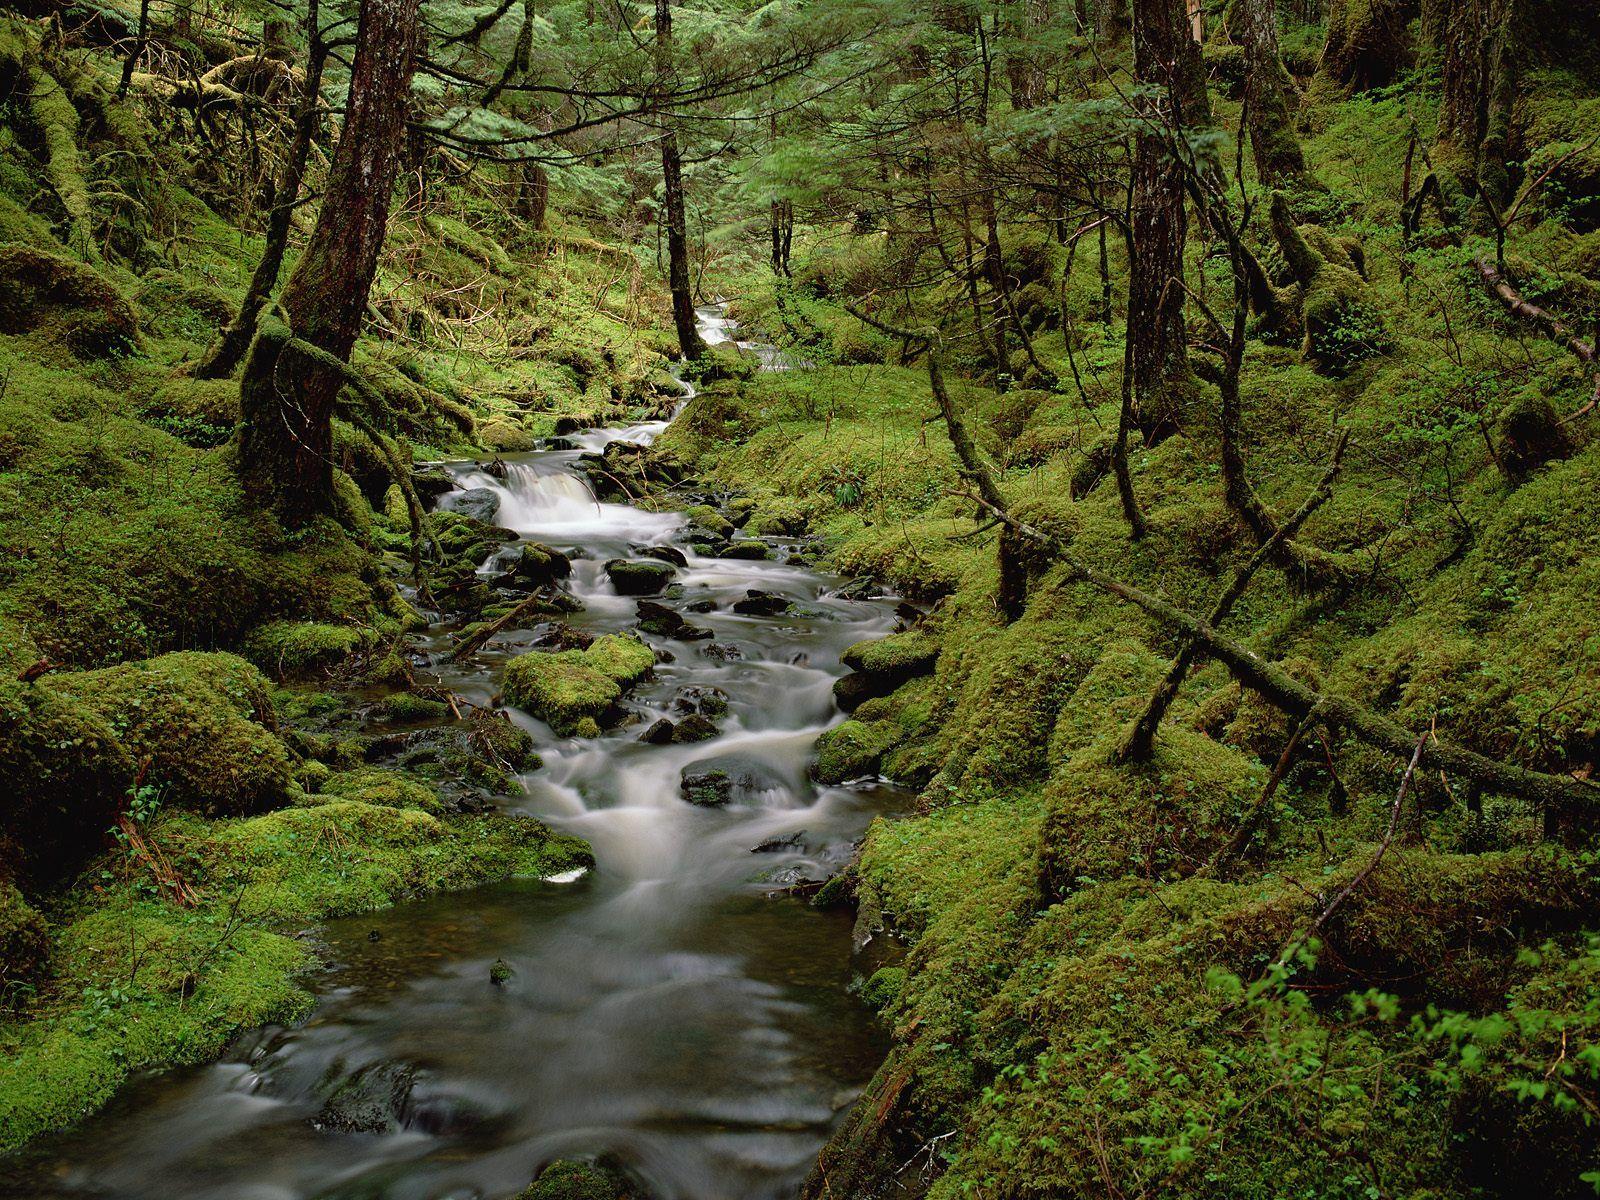 The Rainforest High Definition Desktop Wallpapers   HD ...